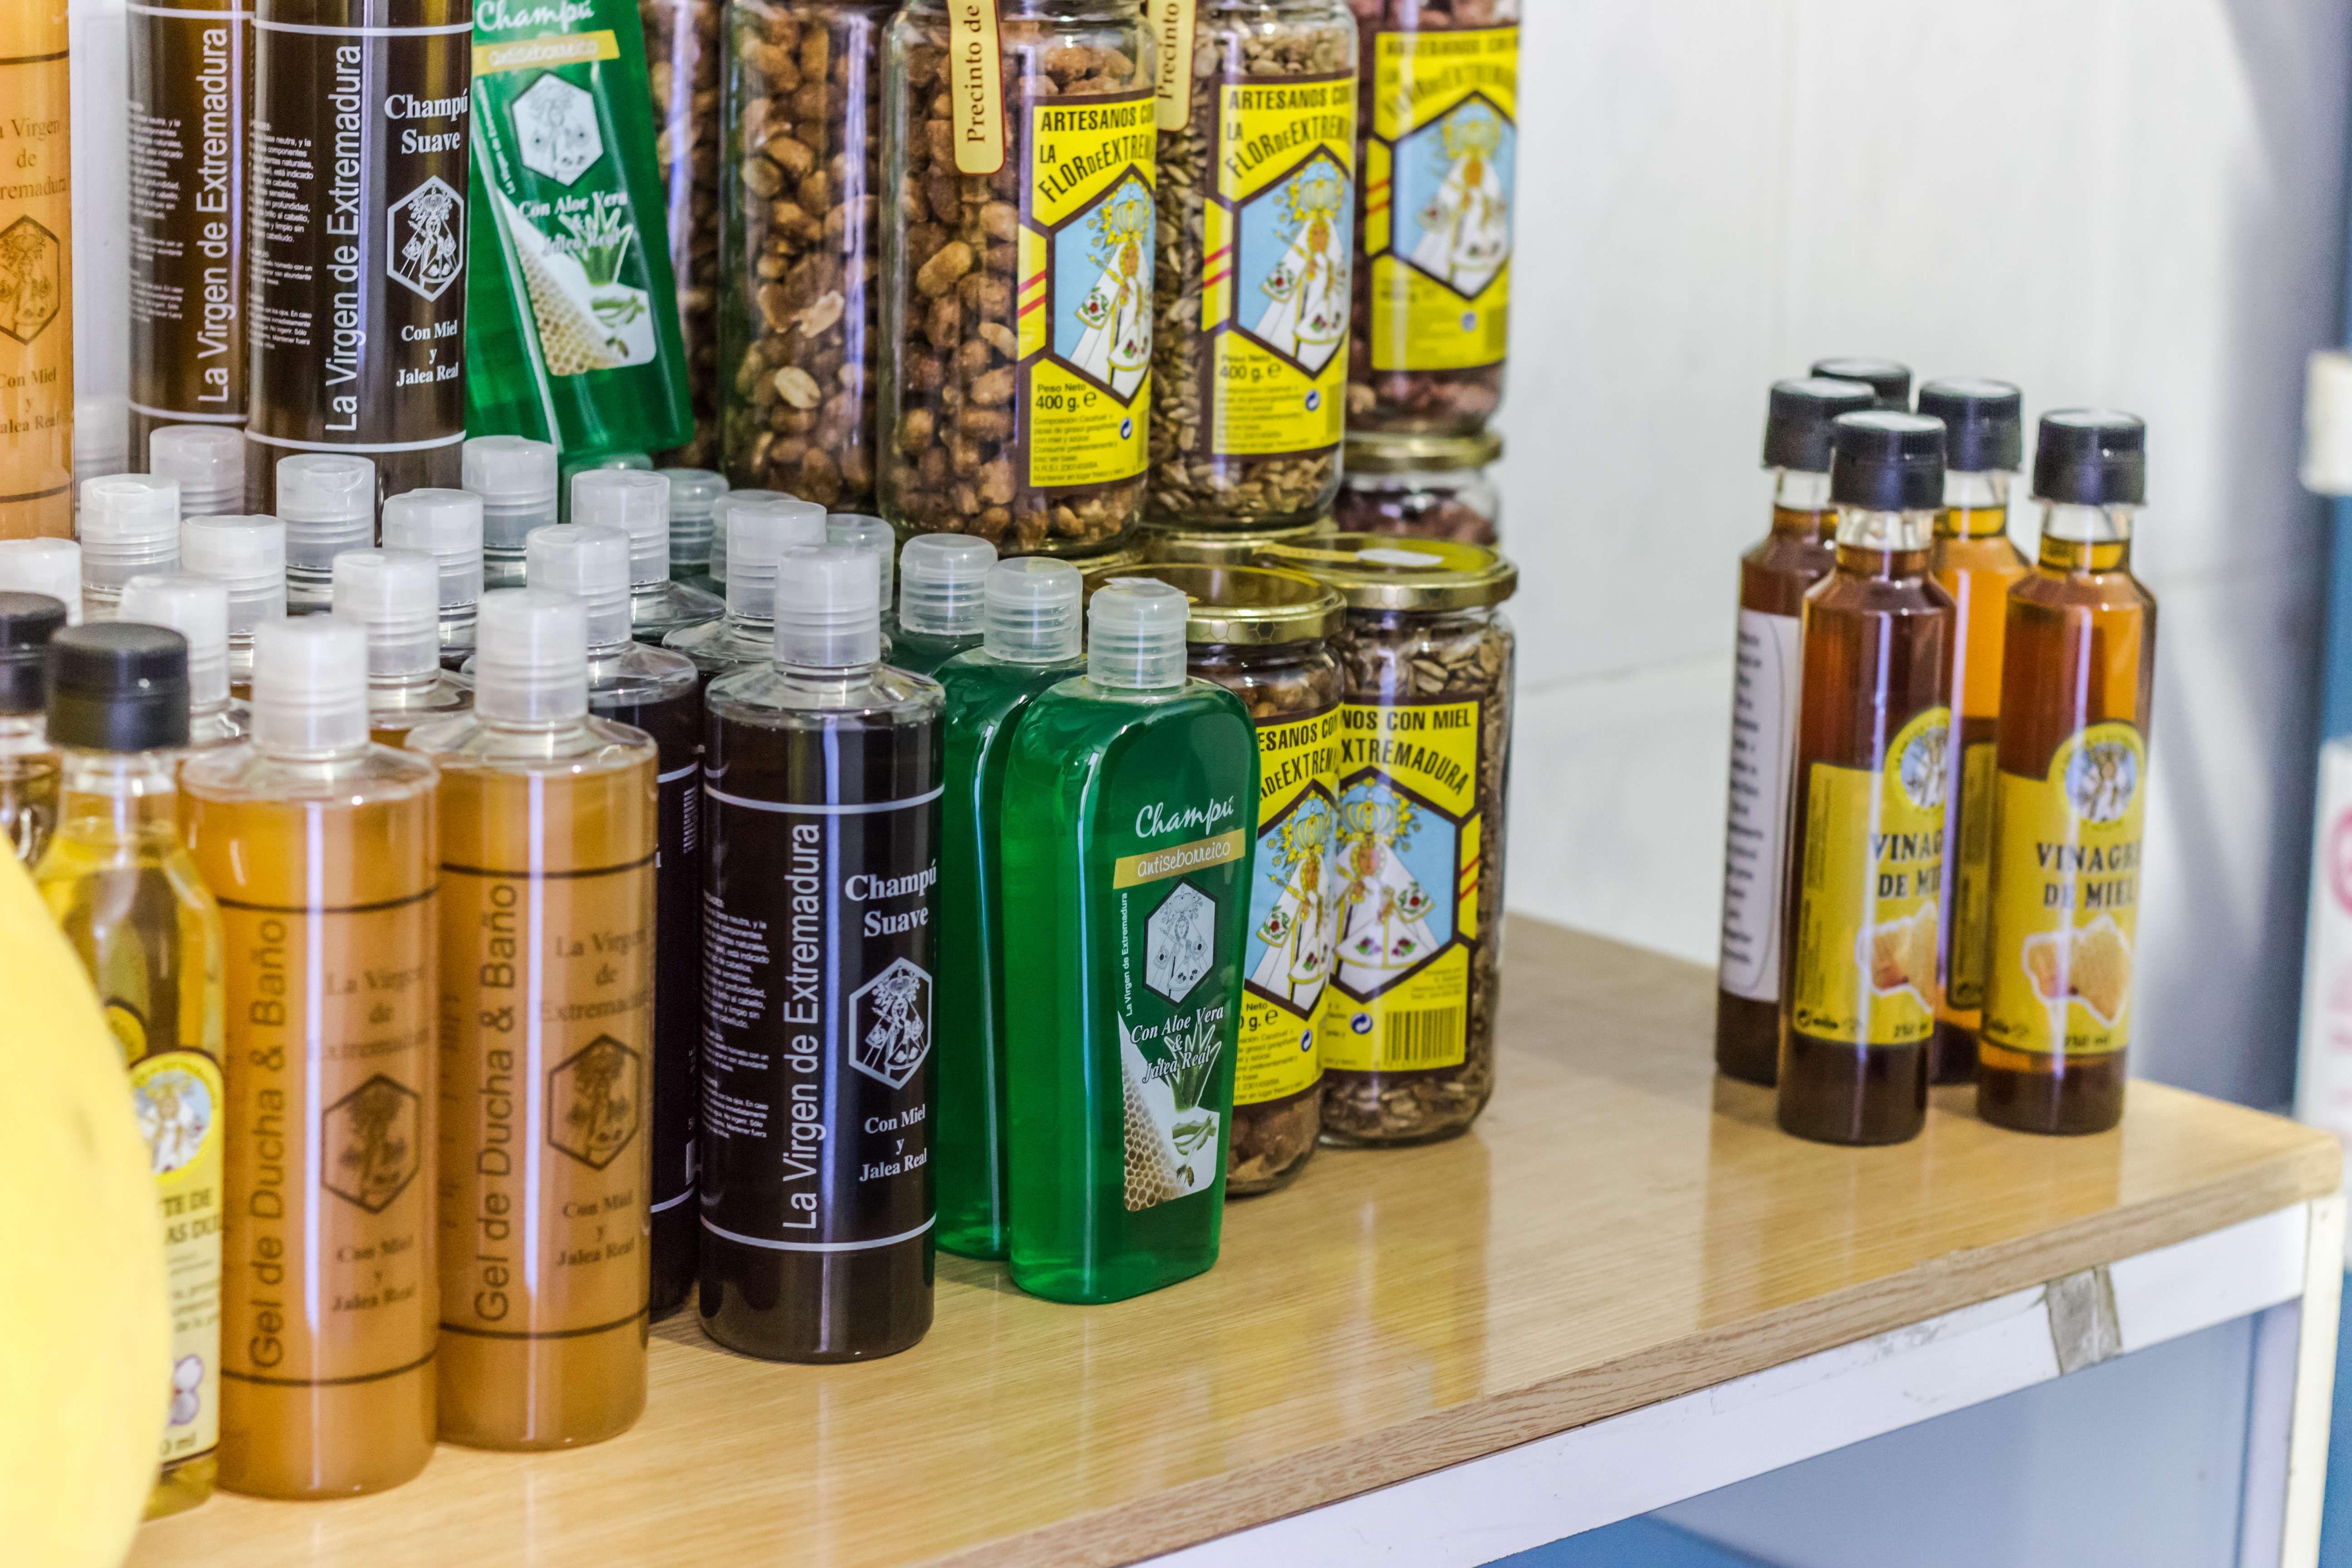 Foto 33 de Venta de miel, productos dietéticos y cosmética natural en Herrera del Duque | Miel Virgen de Extremadura